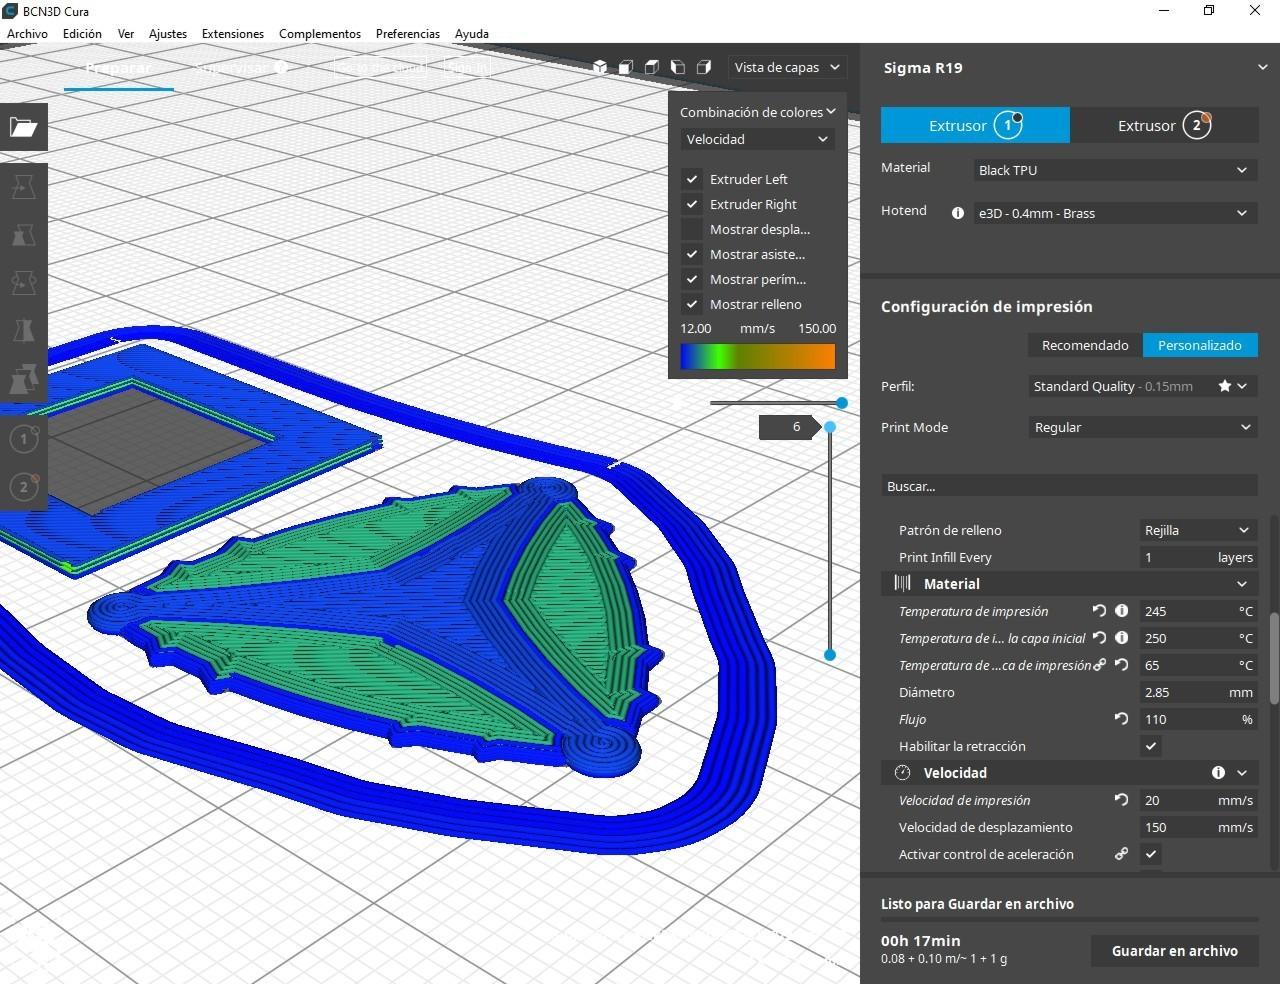 funda pua nido001.jpg Download free STL file DAMP FlexiPick pua nido by eXiMienTa • Model to 3D print, carleslluisar